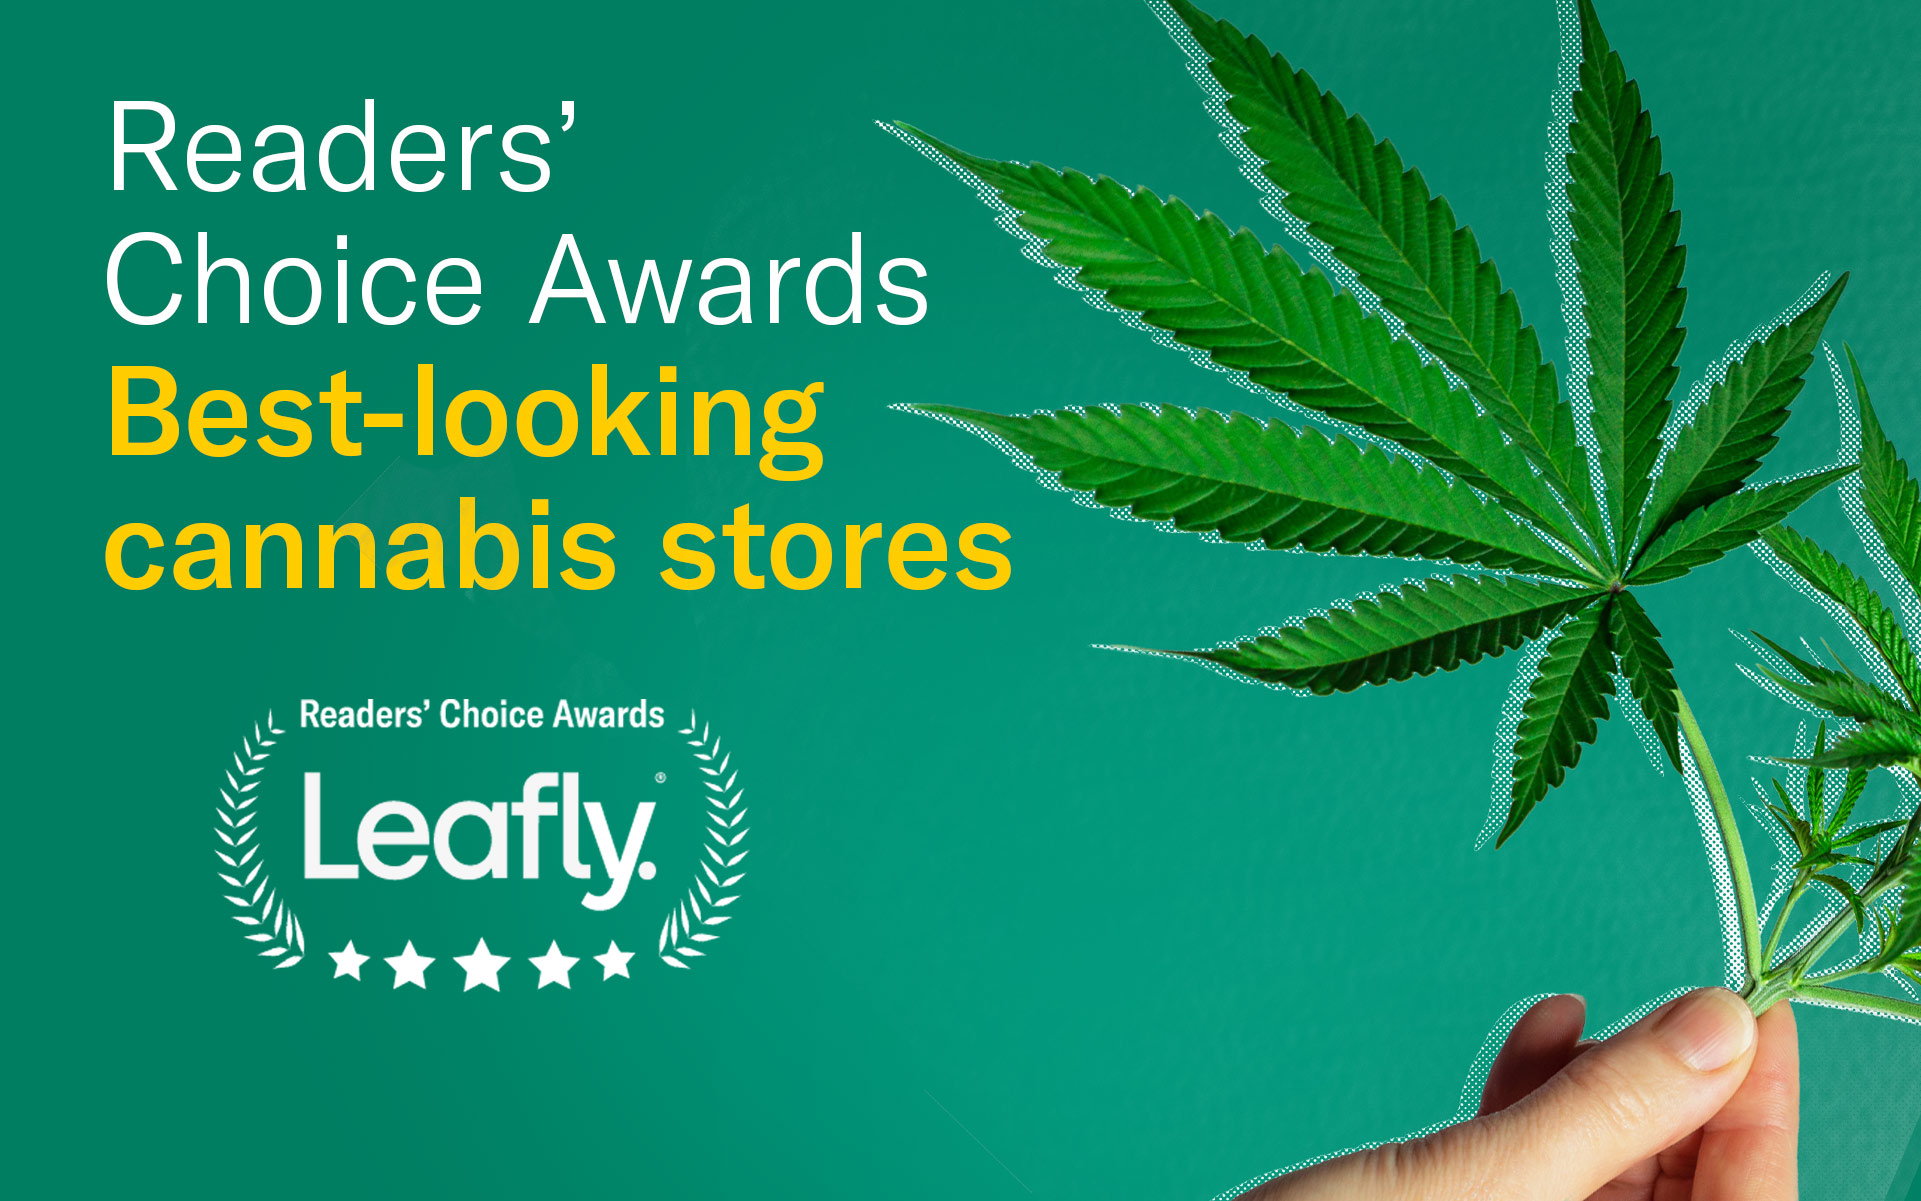 Canada's best-looking marijuana stores